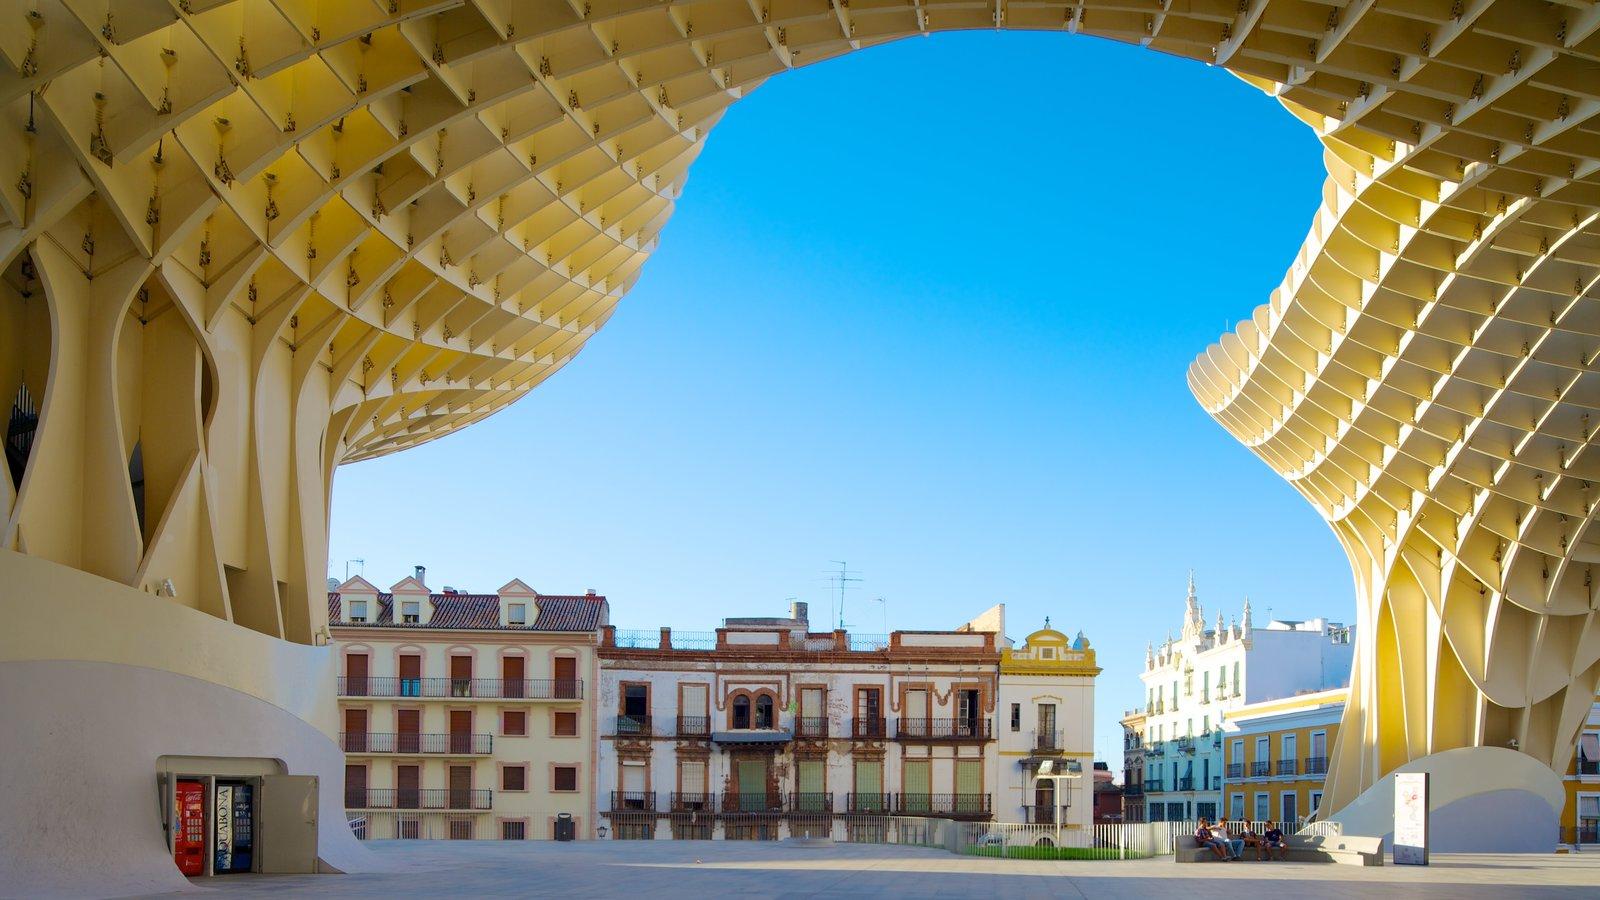 Metropol Parasol mostrando arquitectura moderna, una ciudad y un parque o plaza